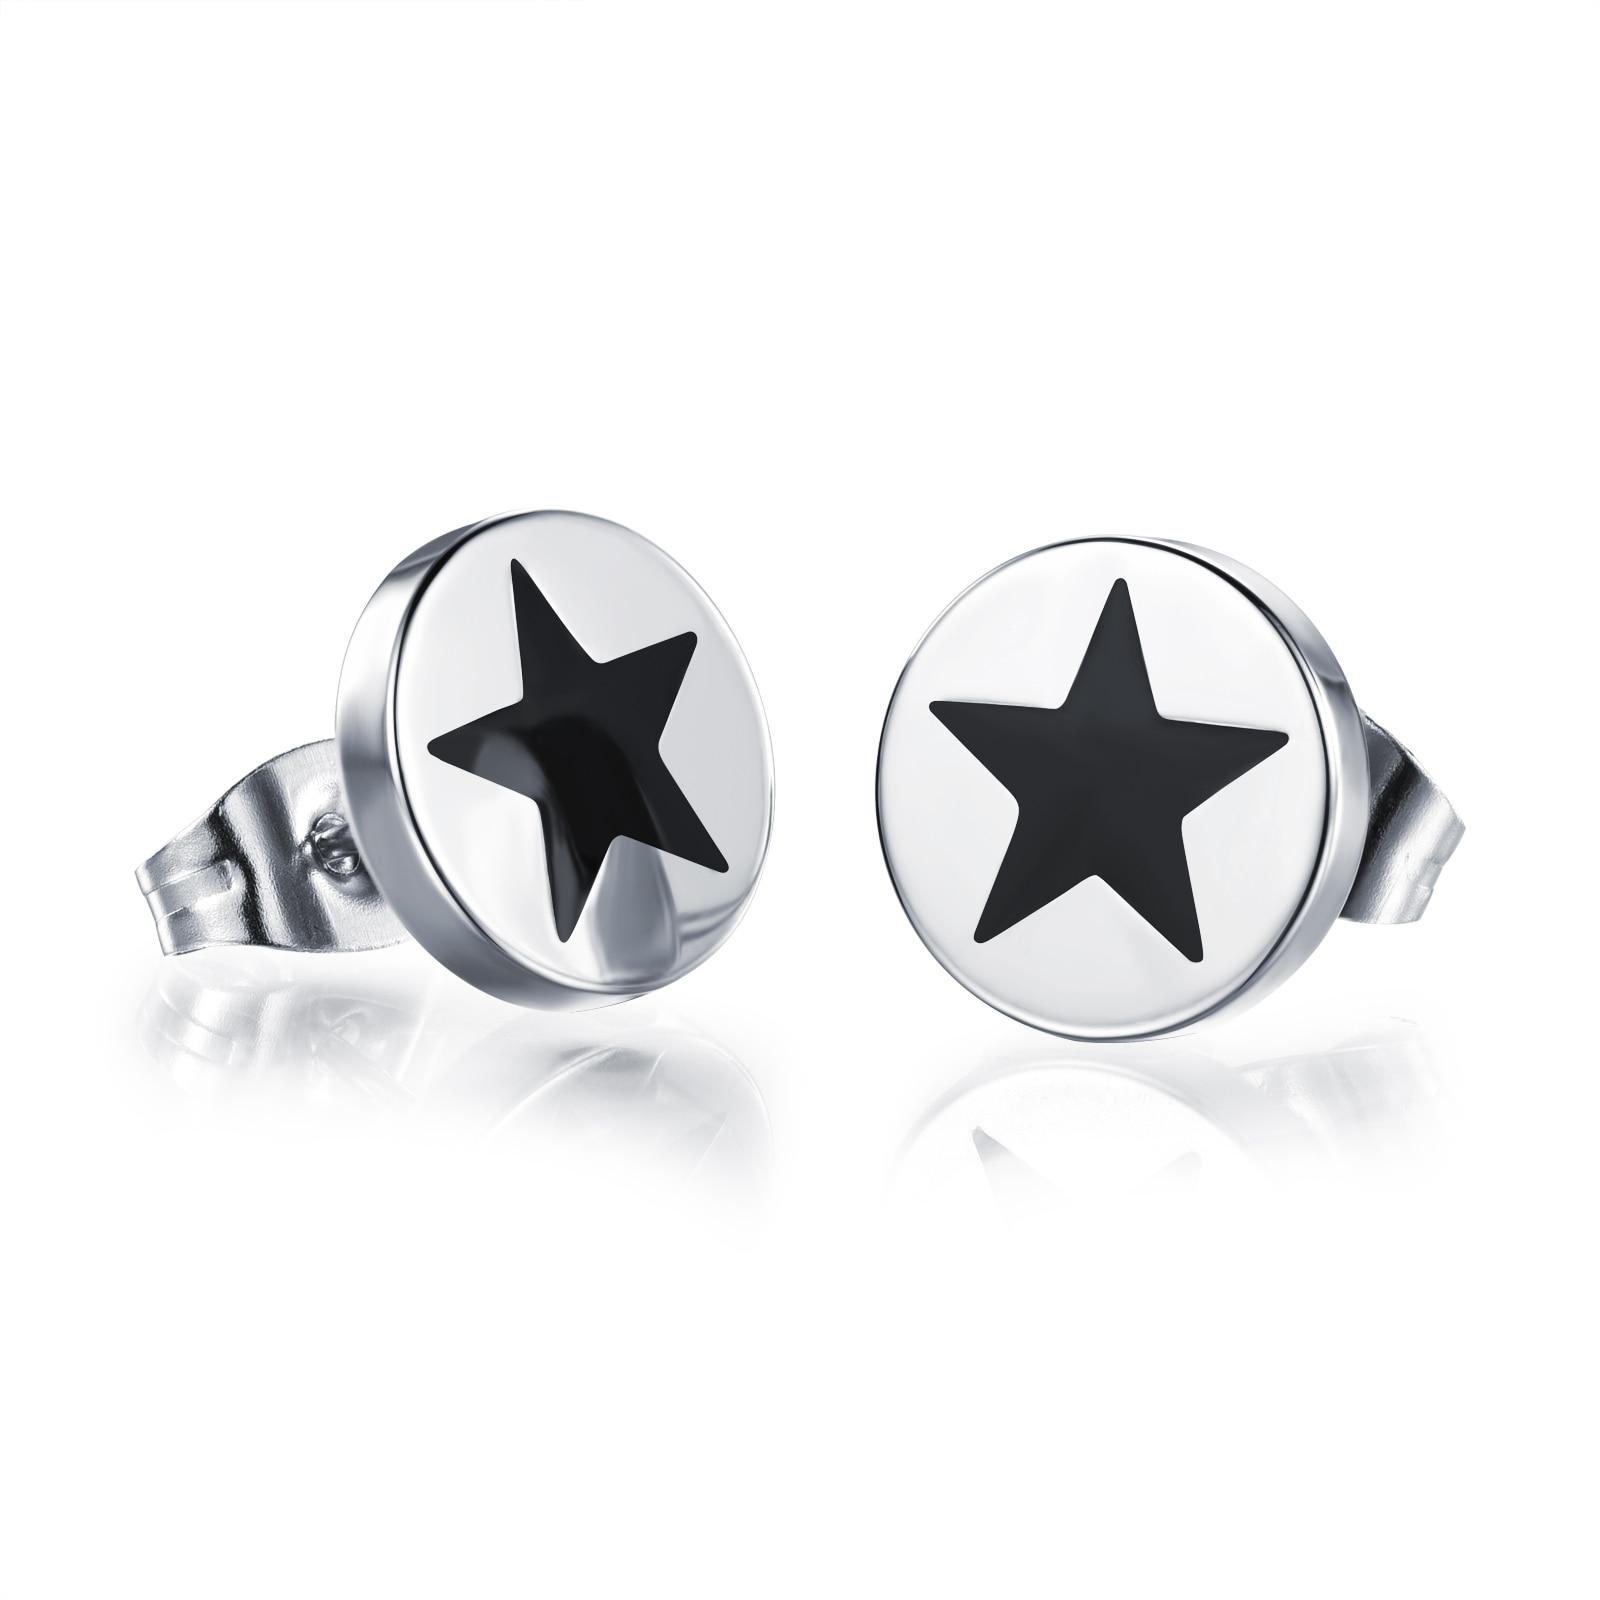 316L Steel Mens Barbell Stud Earrings Punk Style Stainless Steel Earring For Women Men Unisex Jewelry 10mm